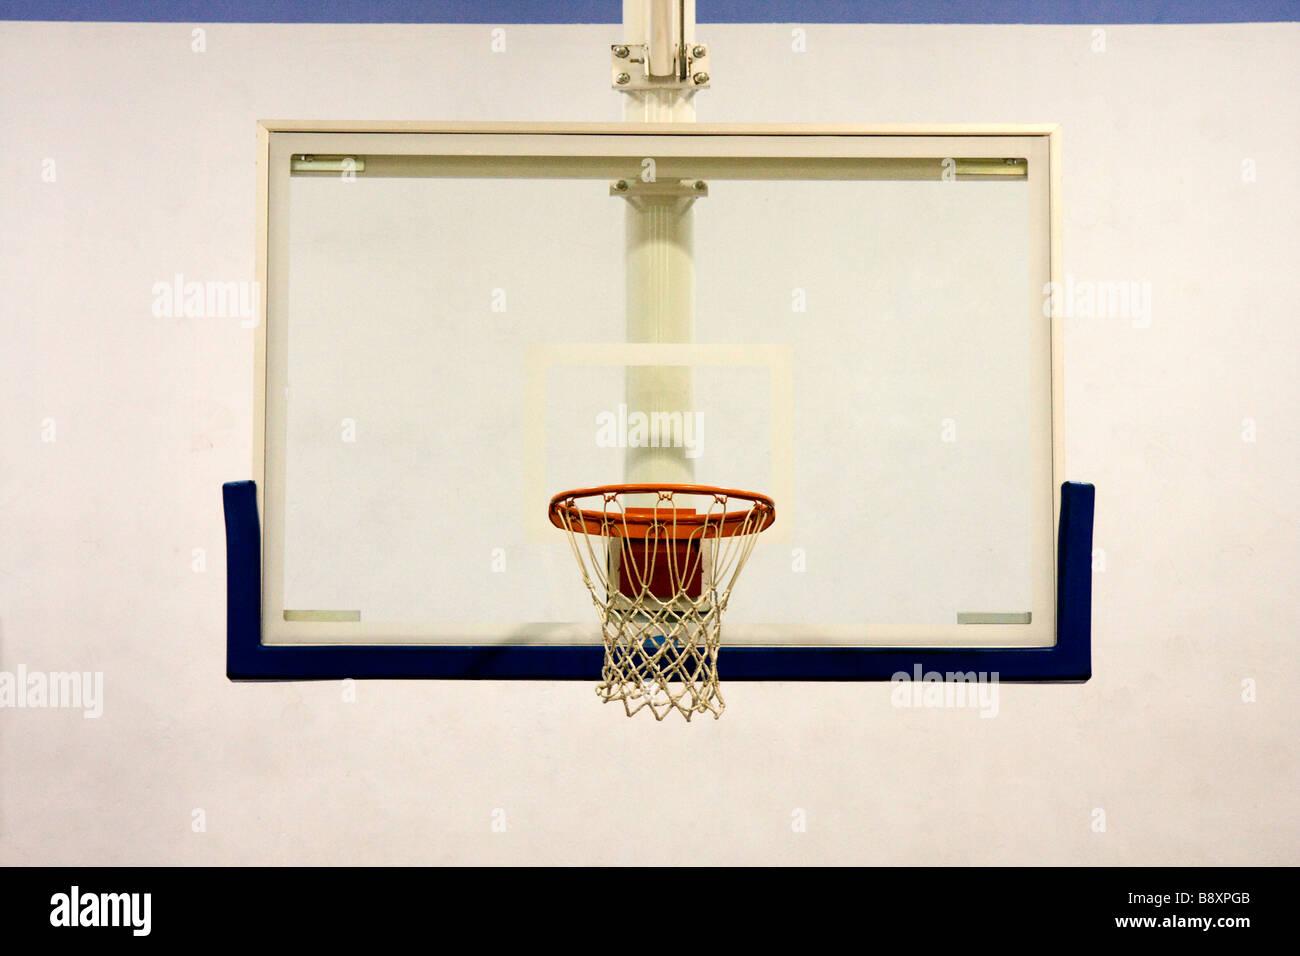 Indoor Basketball Hoop in School Gymnasium - Stock Image